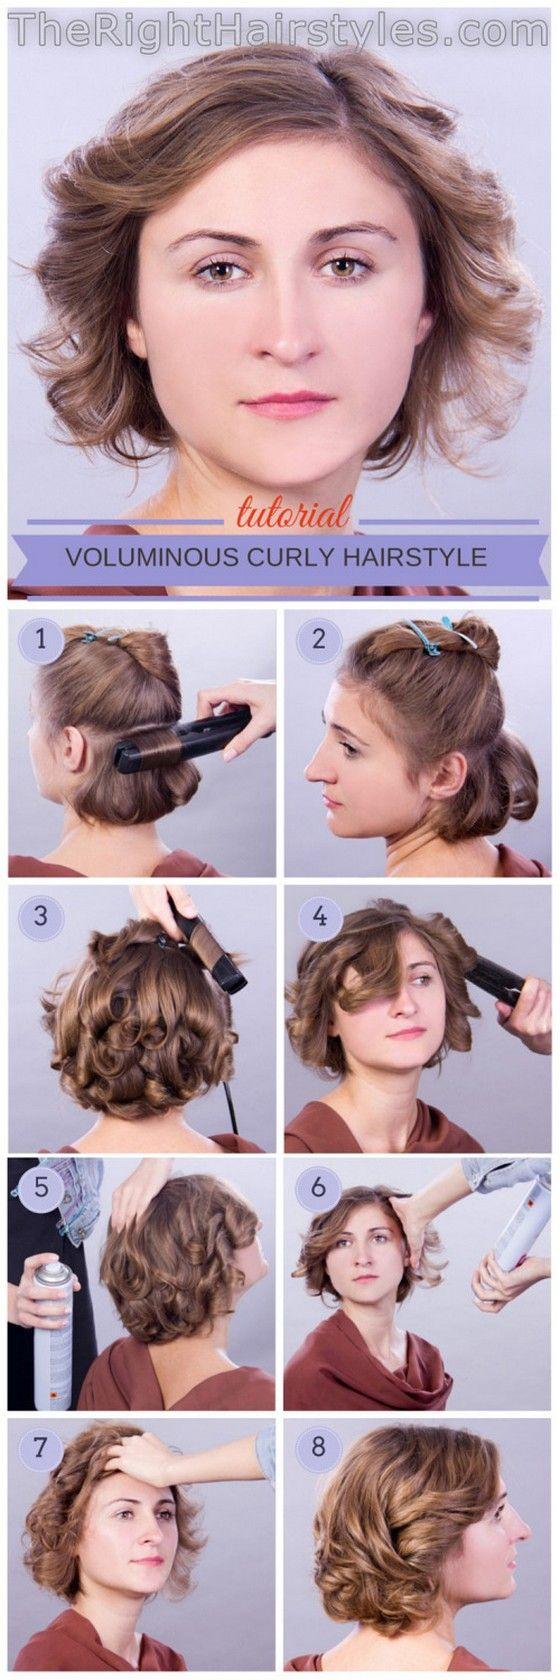 Acconciature capelli corti ricci tutorial